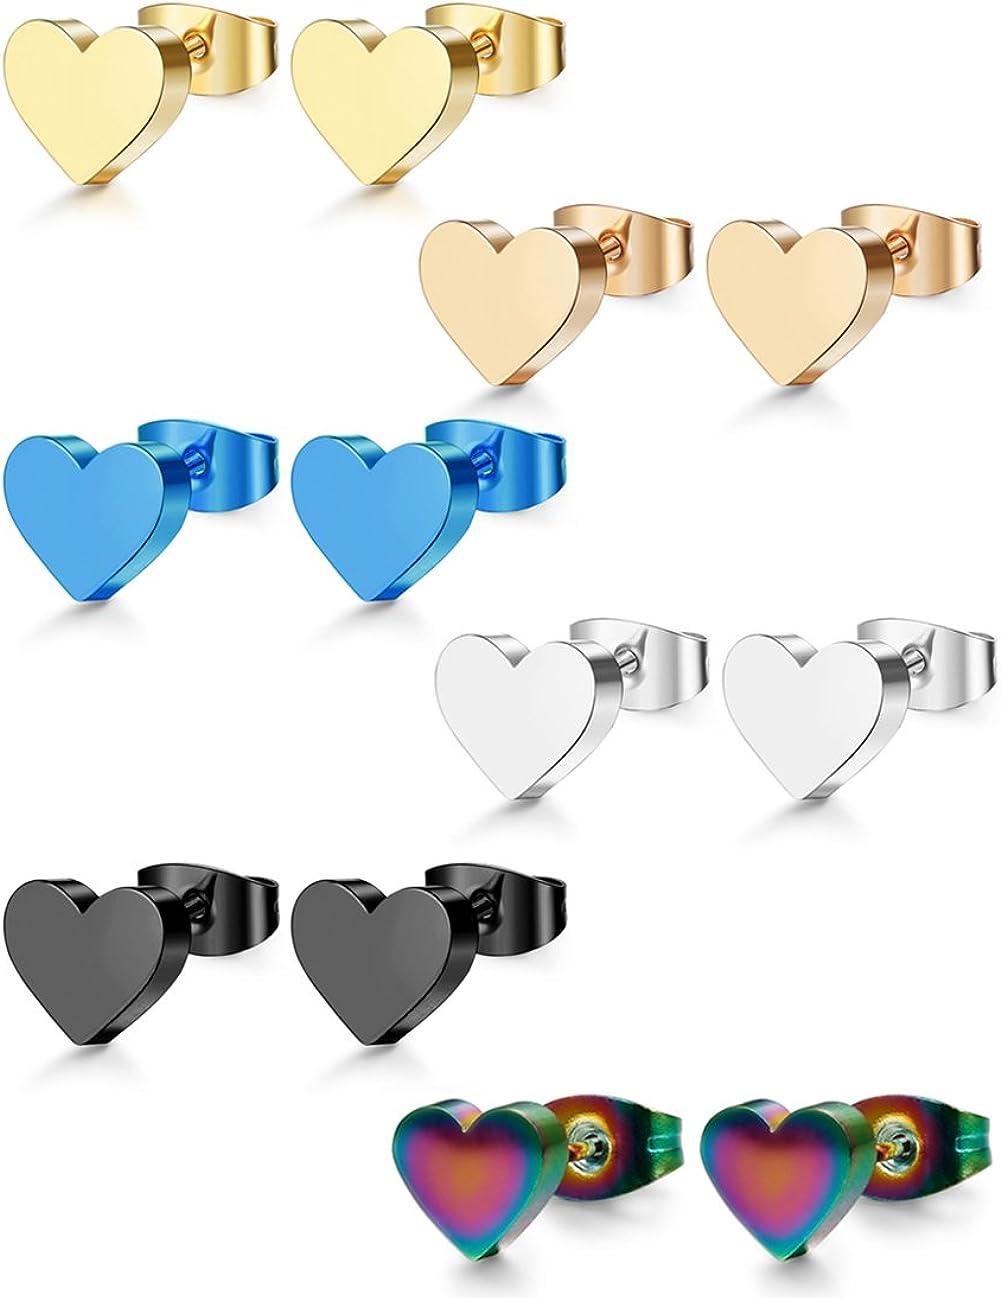 ORAZIO 1-6 Pairs Stainless Steel Heart Stud Earrings for Women Men